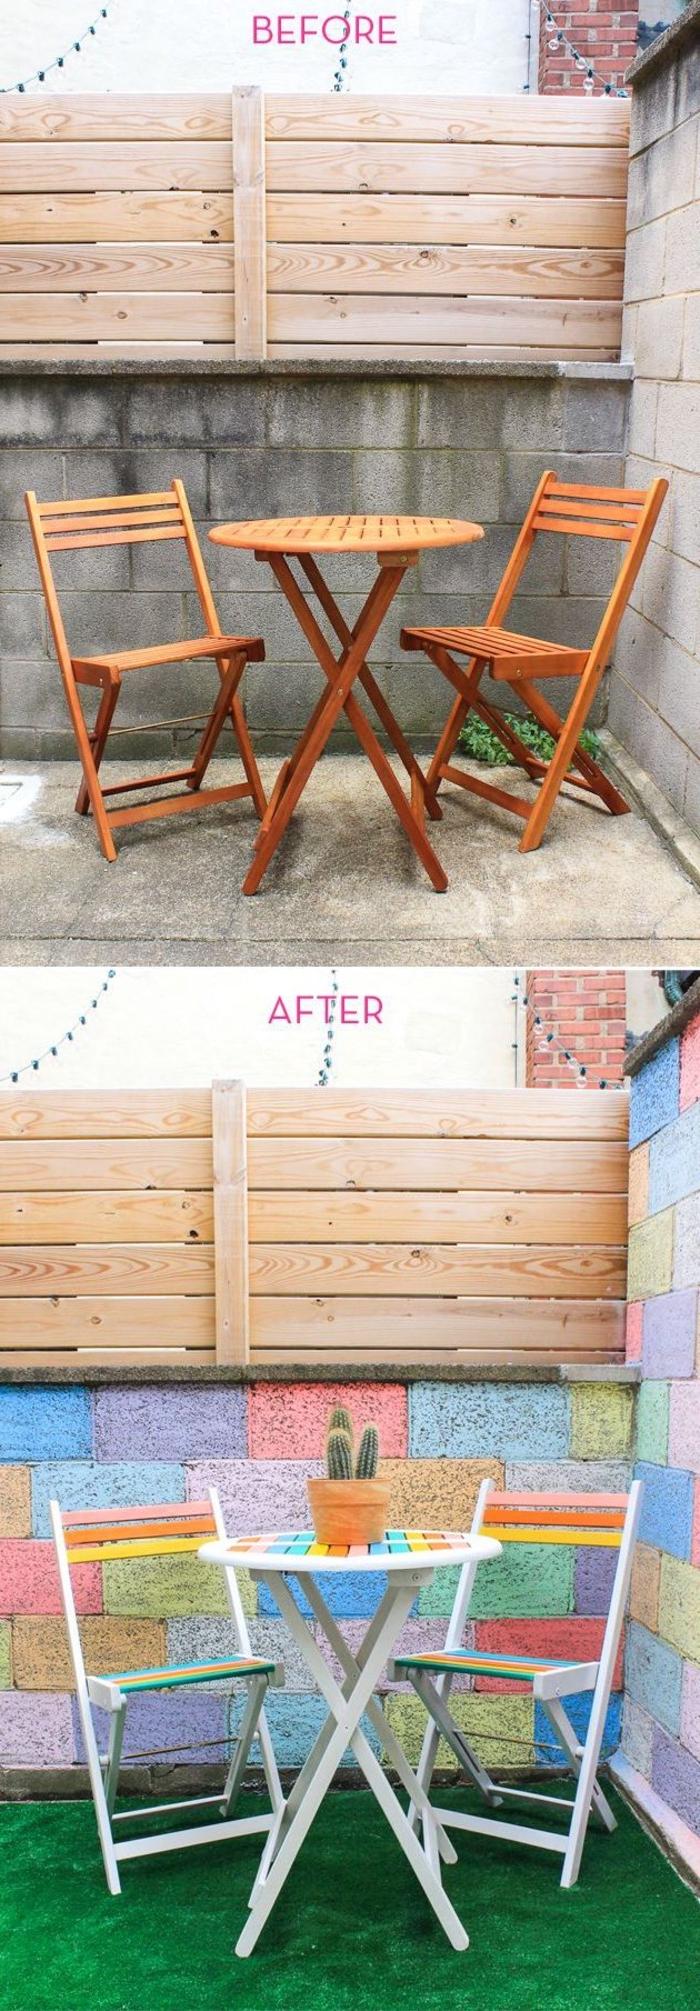 un meuble relooké avant après transformée à l'aide de la peinture, une jolie table repeinte avec des chaises assorties